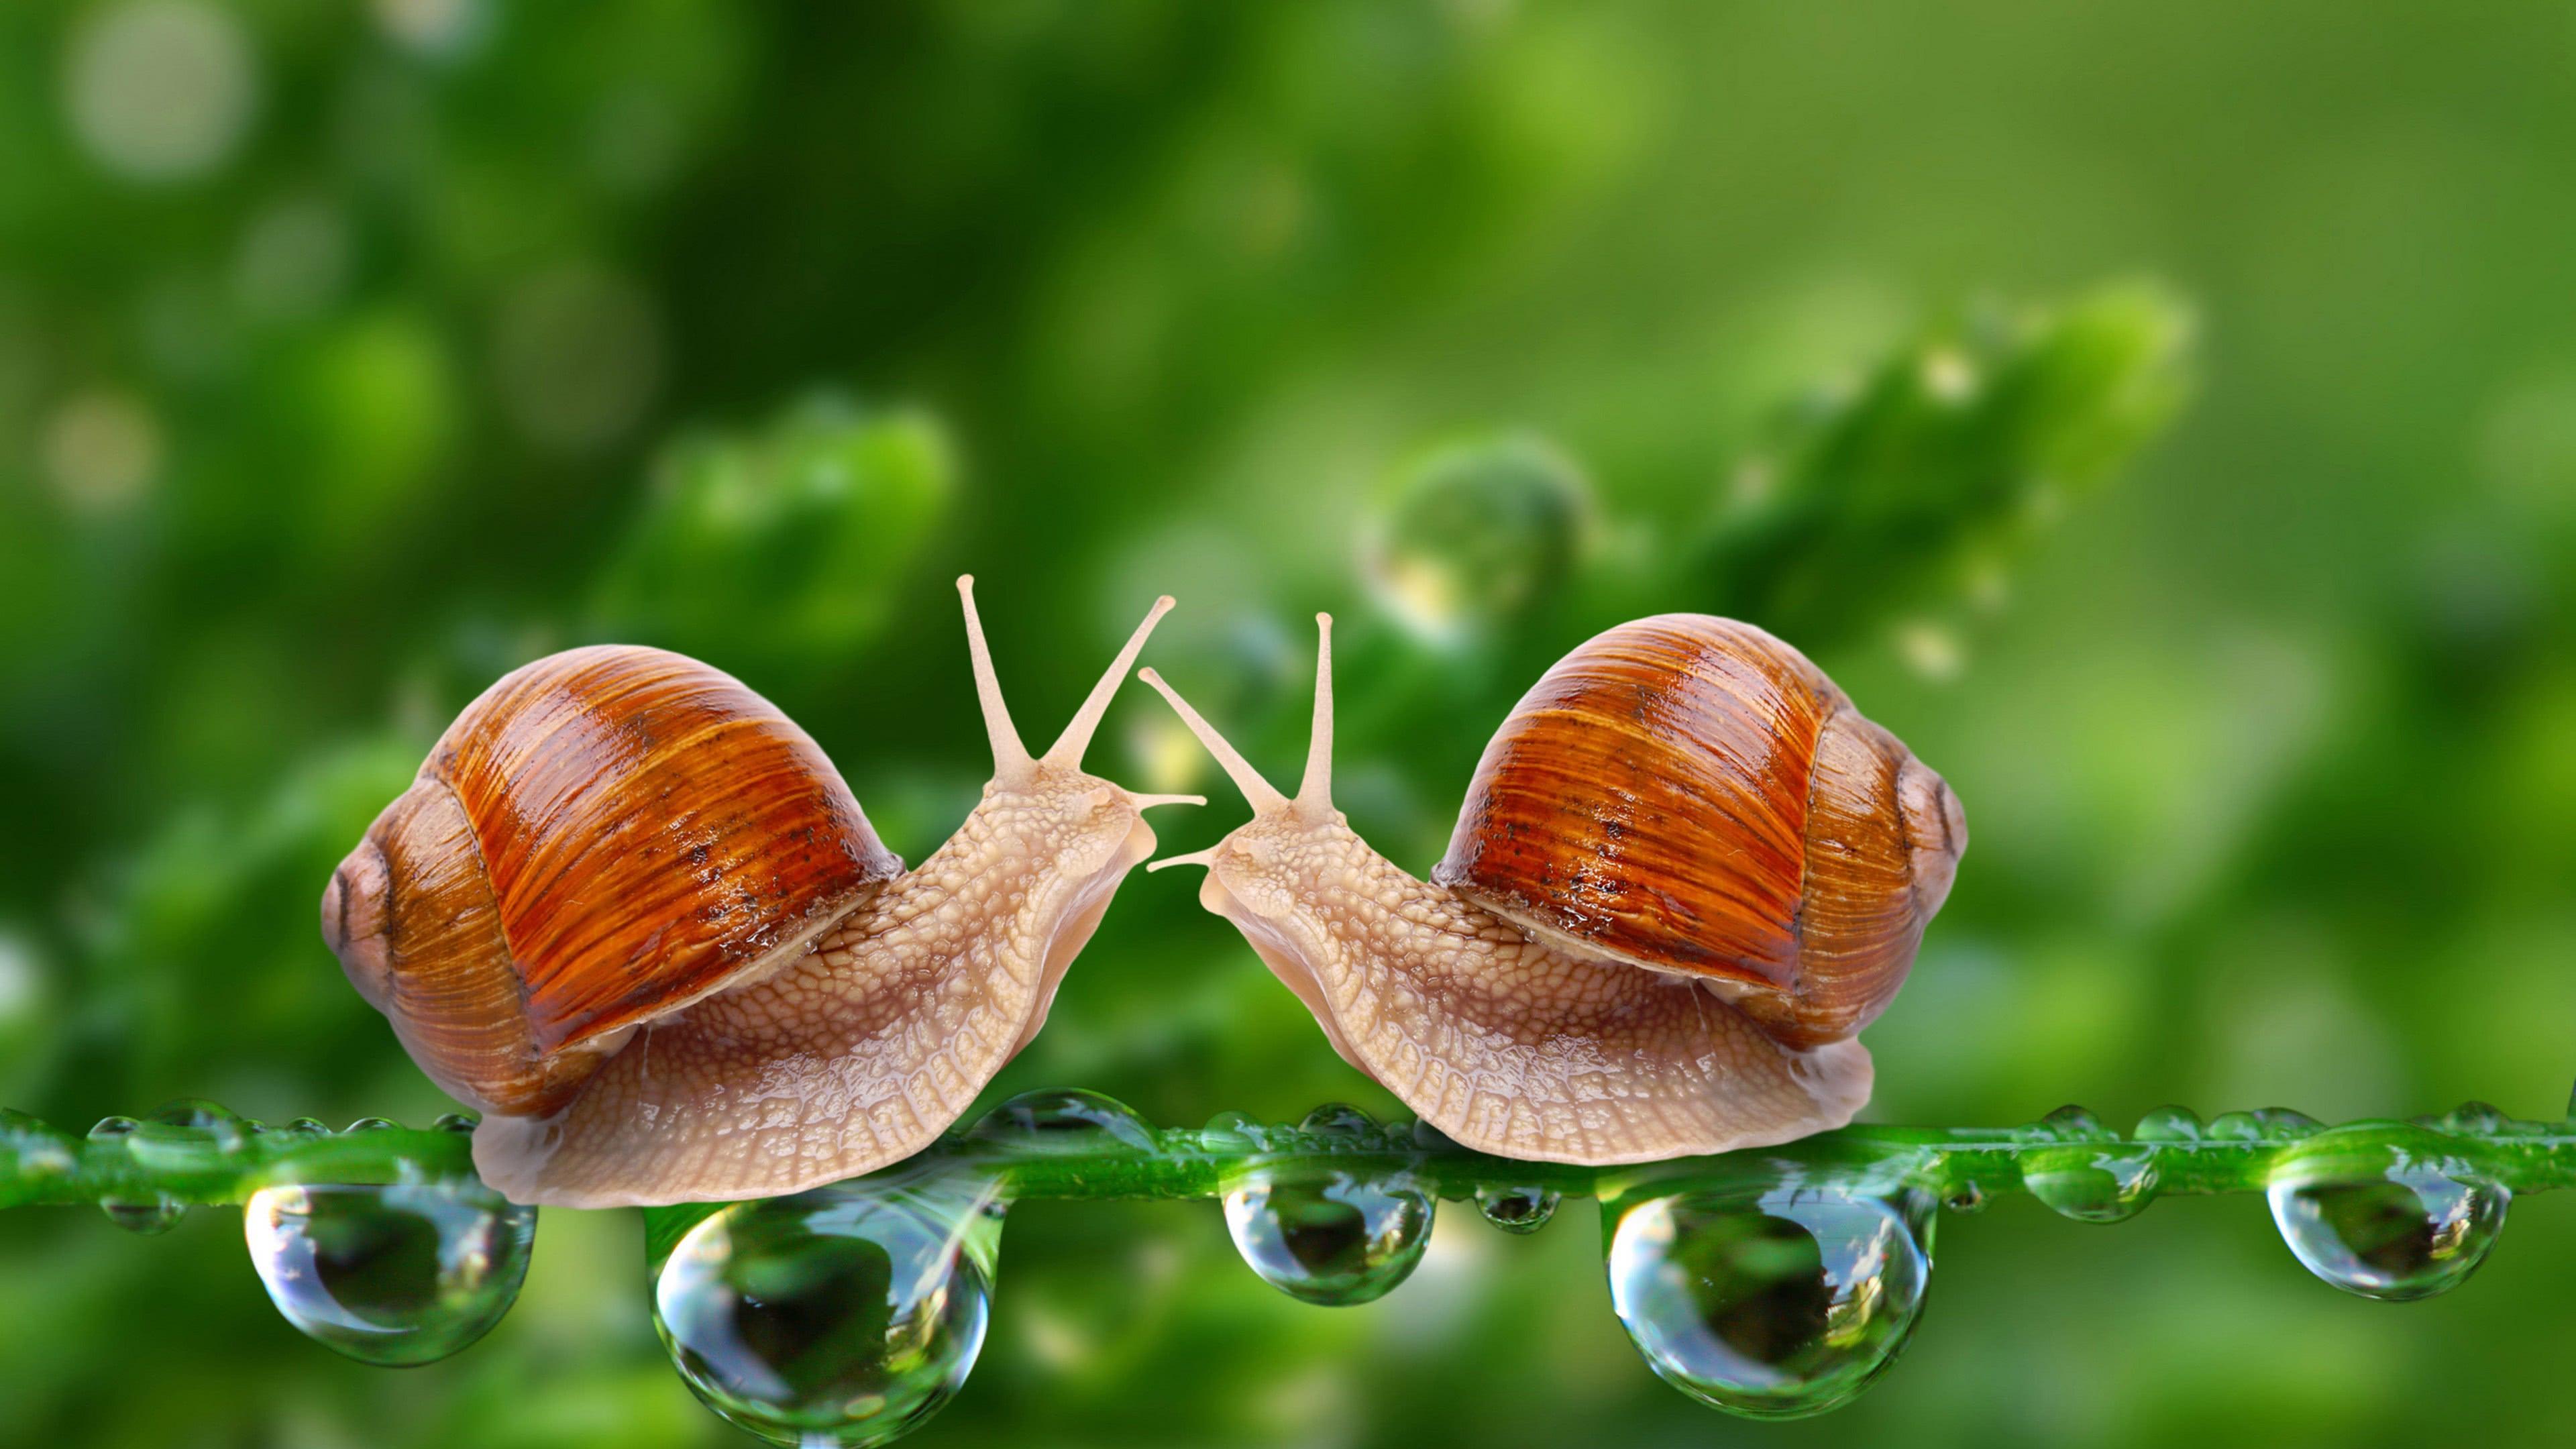 snails uhd 4k wallpaper